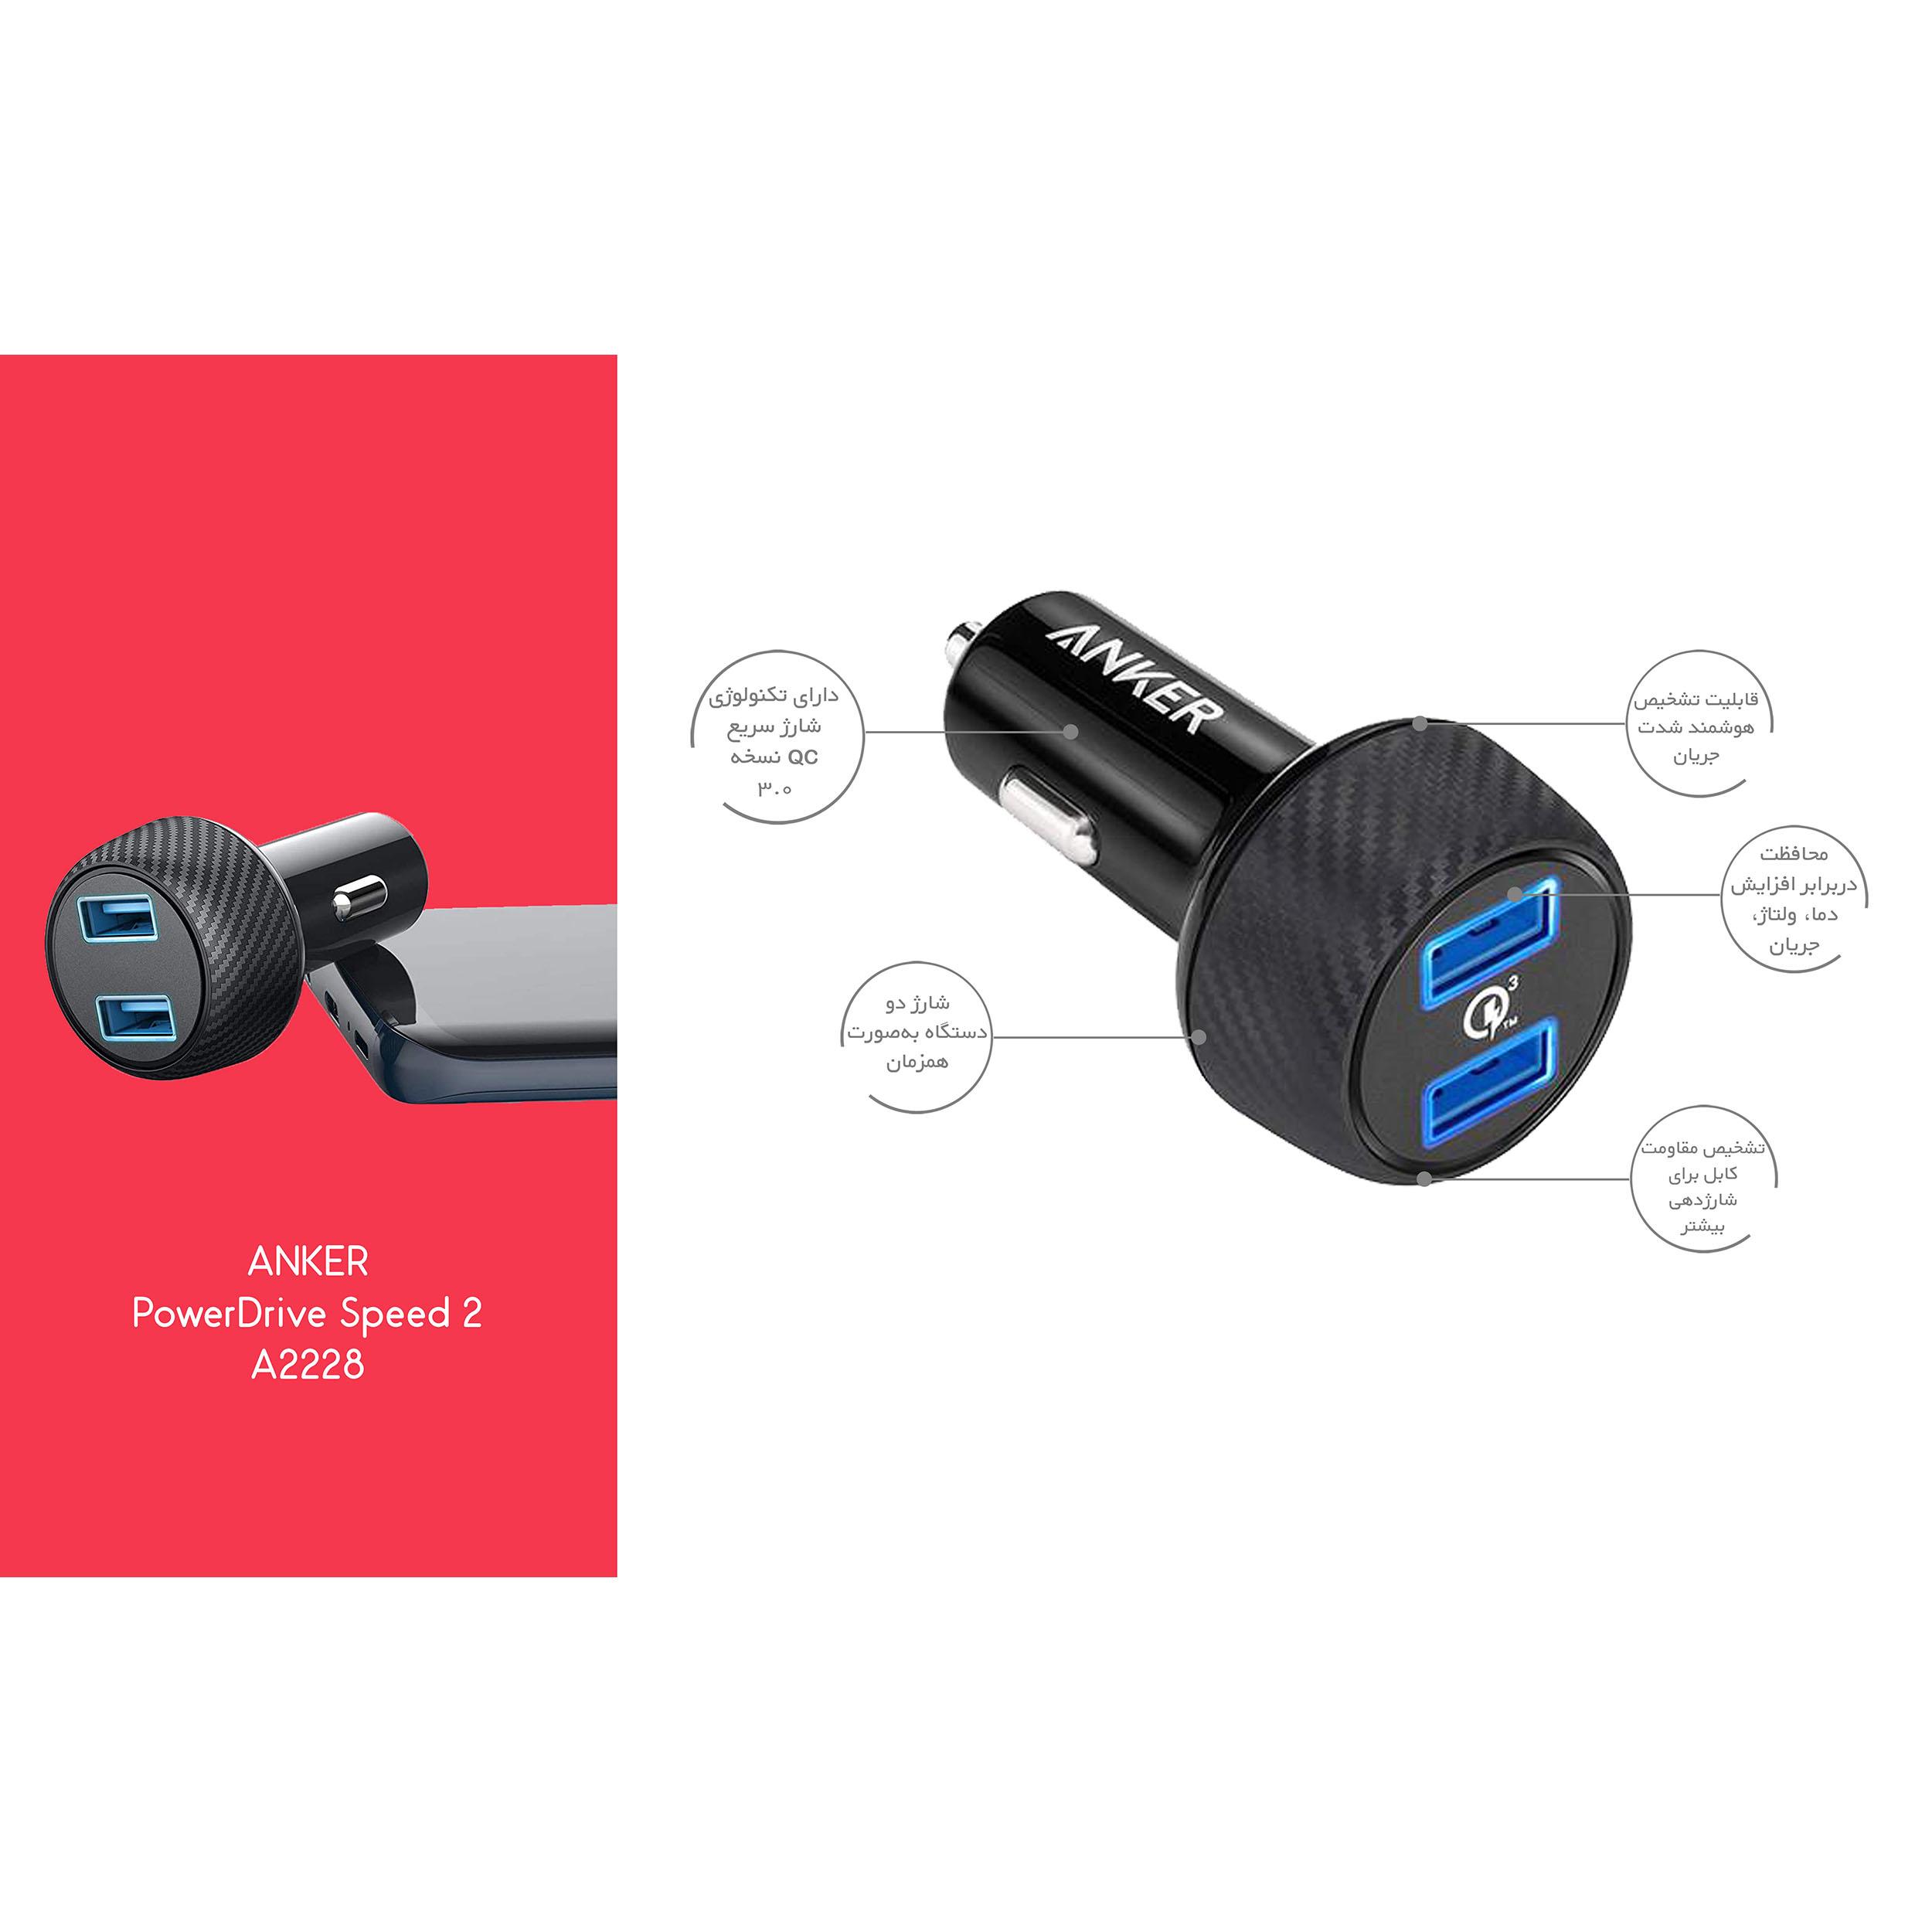 شارژر فندکی انکر مدل A2228 PowerDrive Speed 2 Ports With Quick Charge 3.0 main 1 19